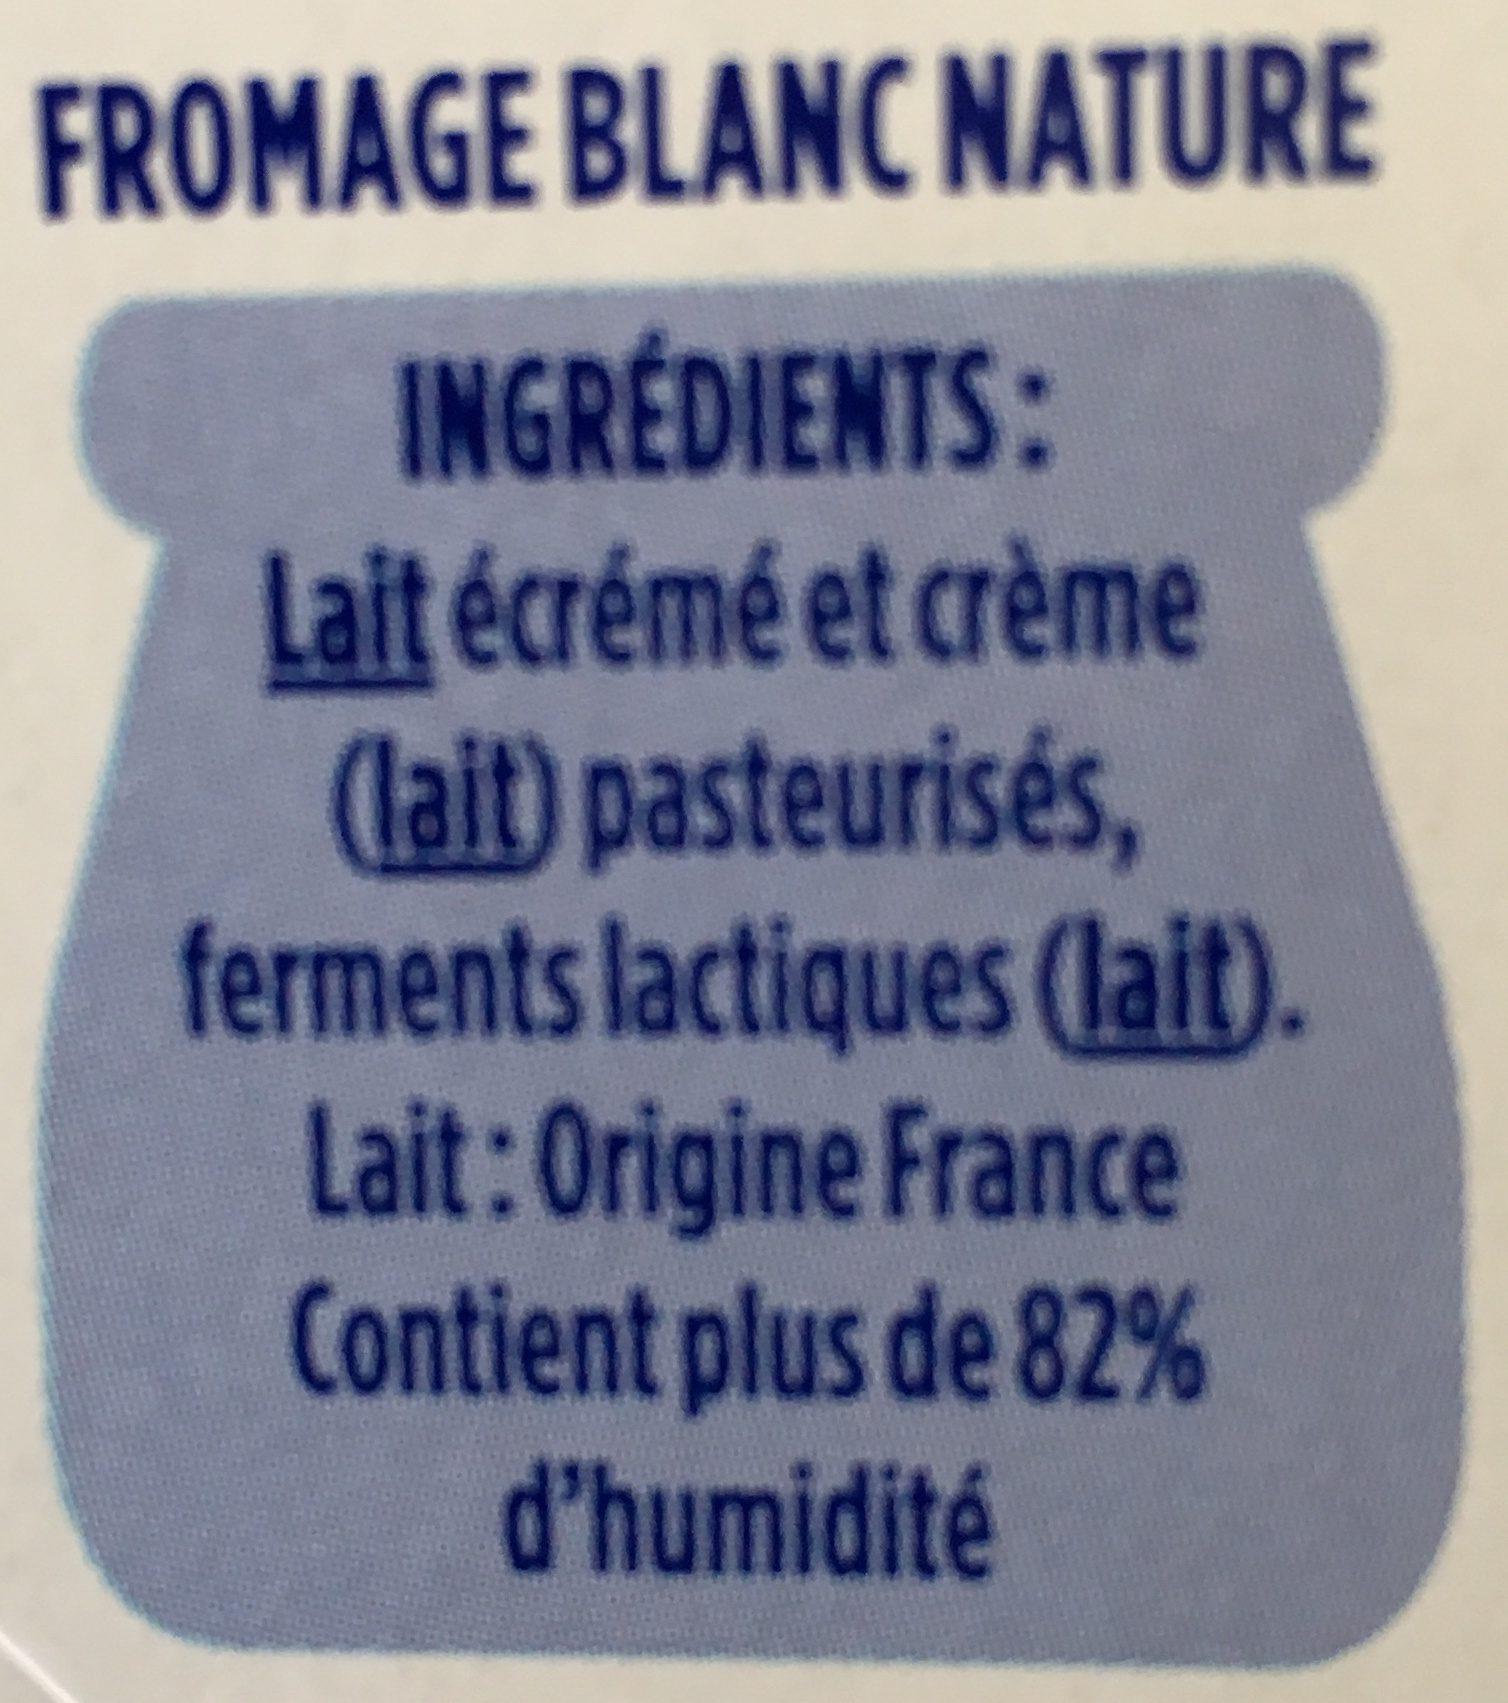 Le Fromage Blanc - Ingrédients